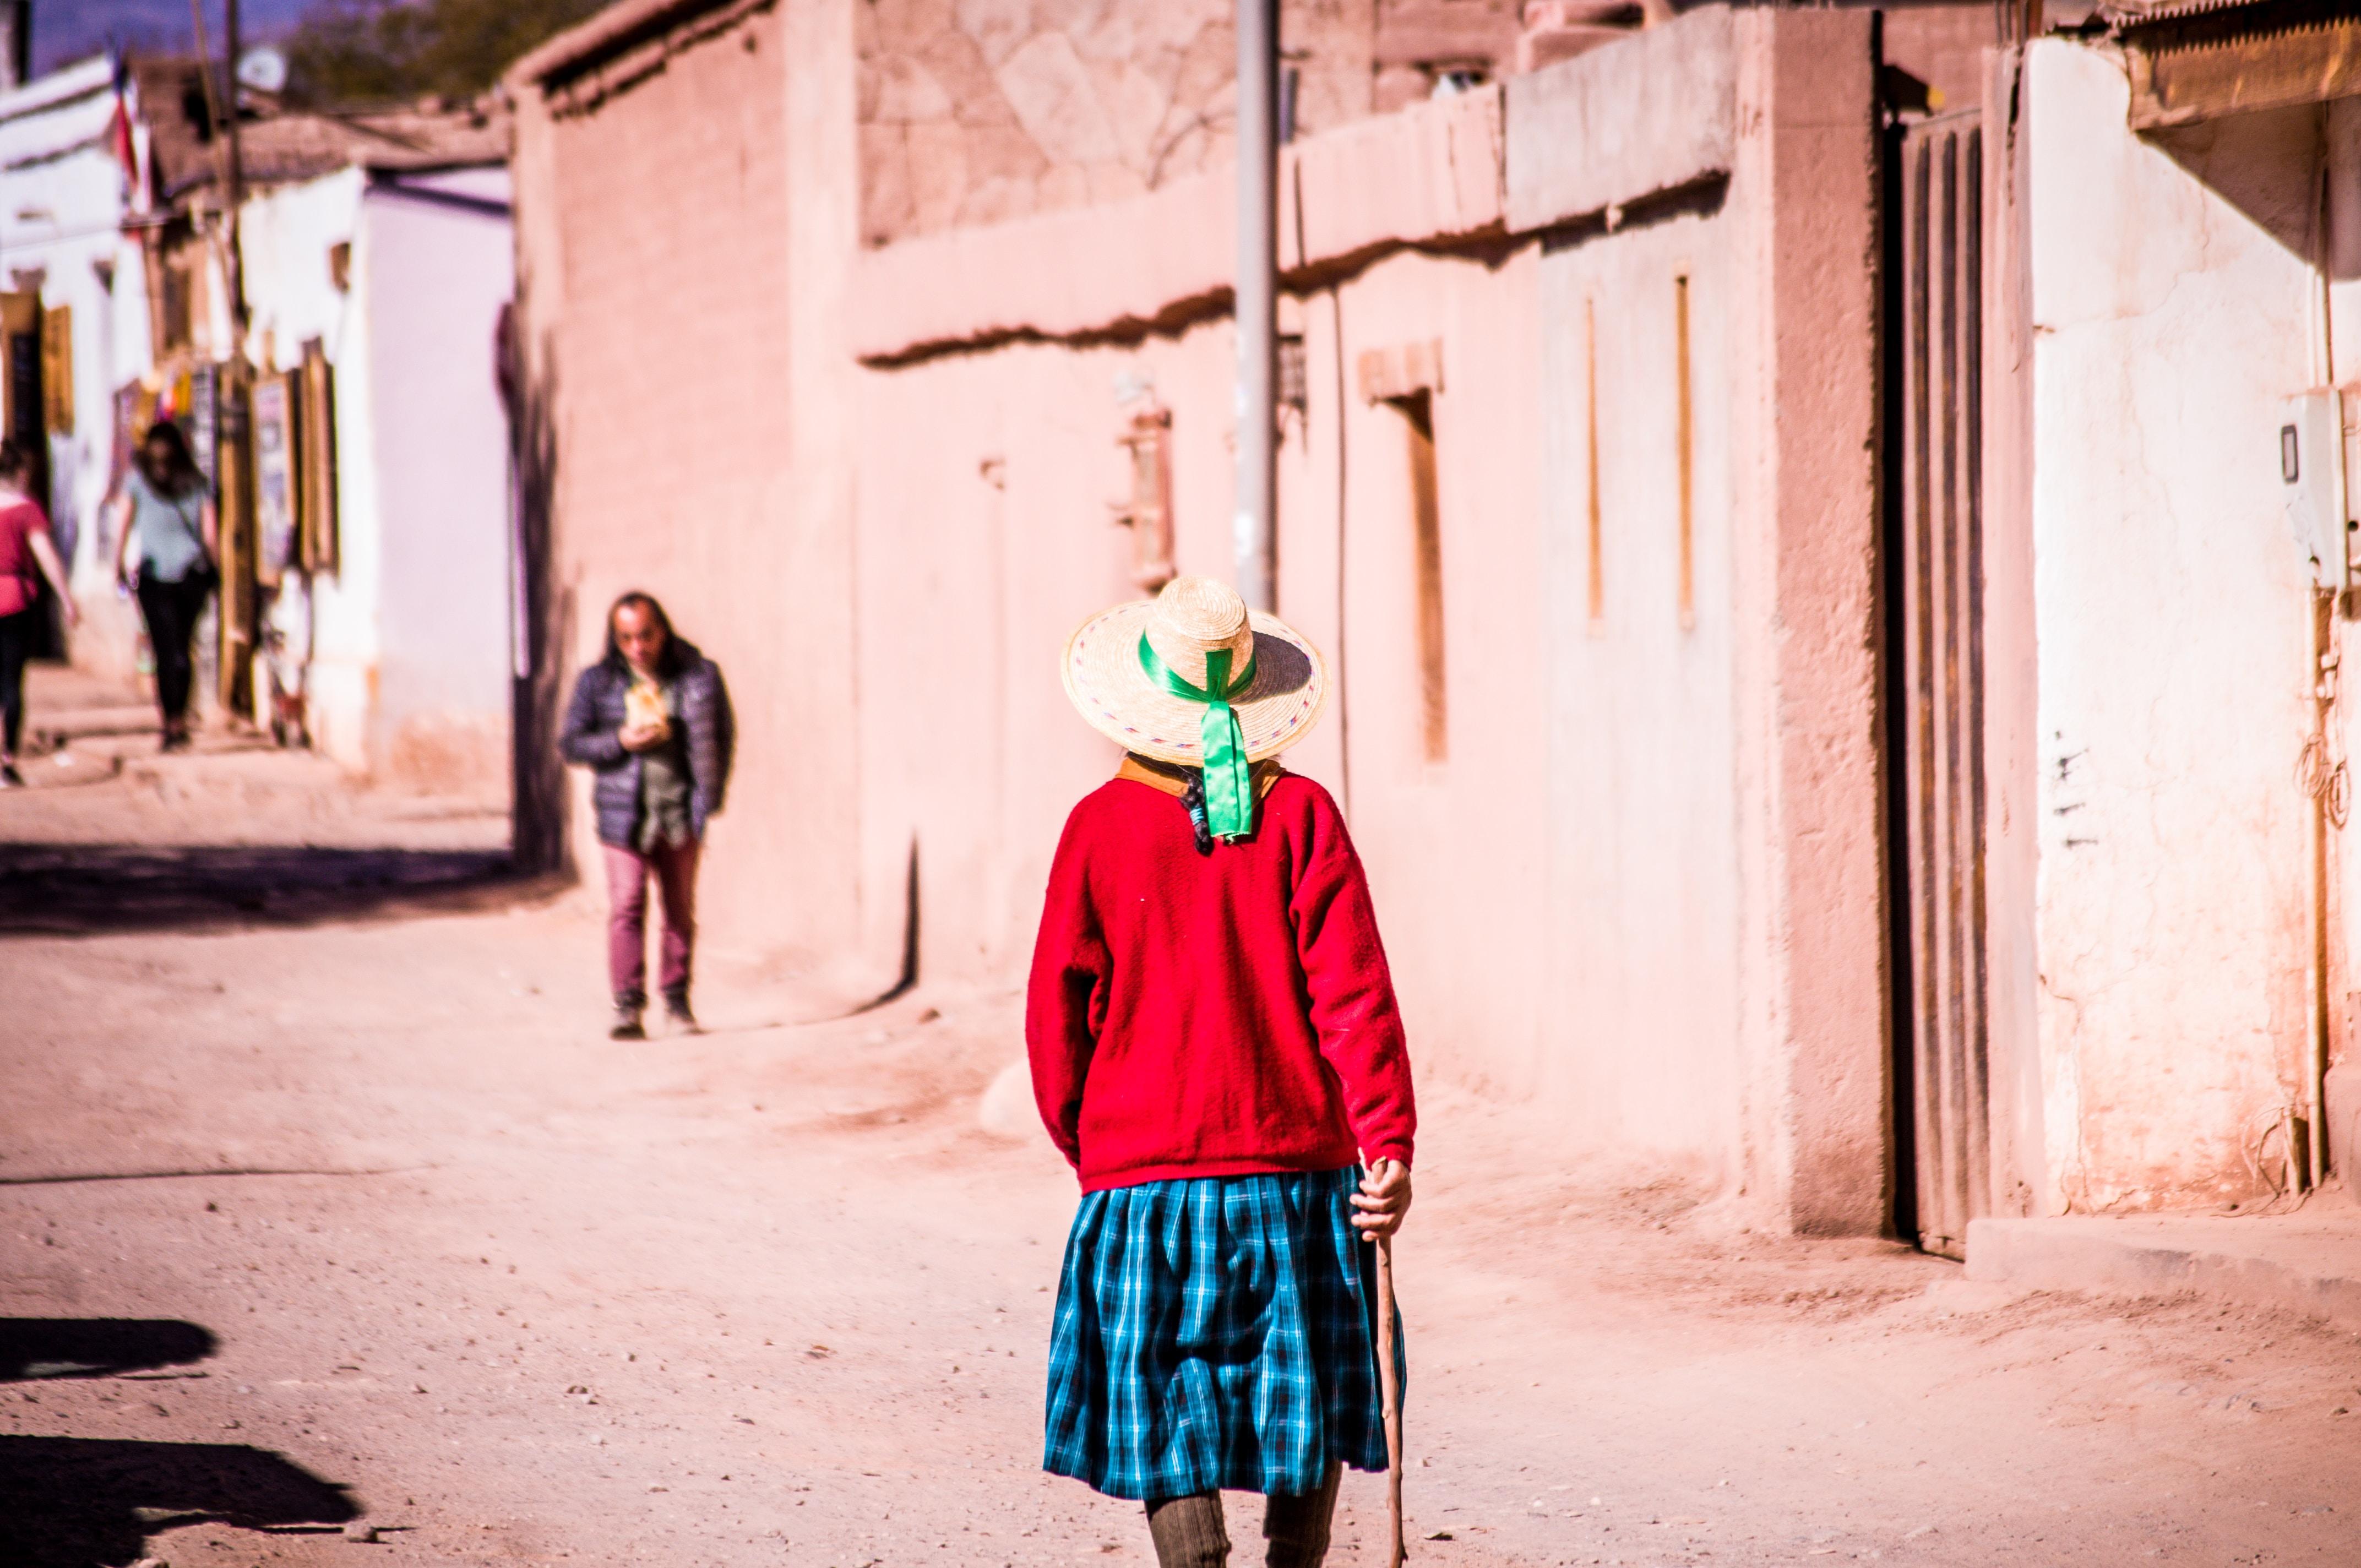 woman walking on gray road